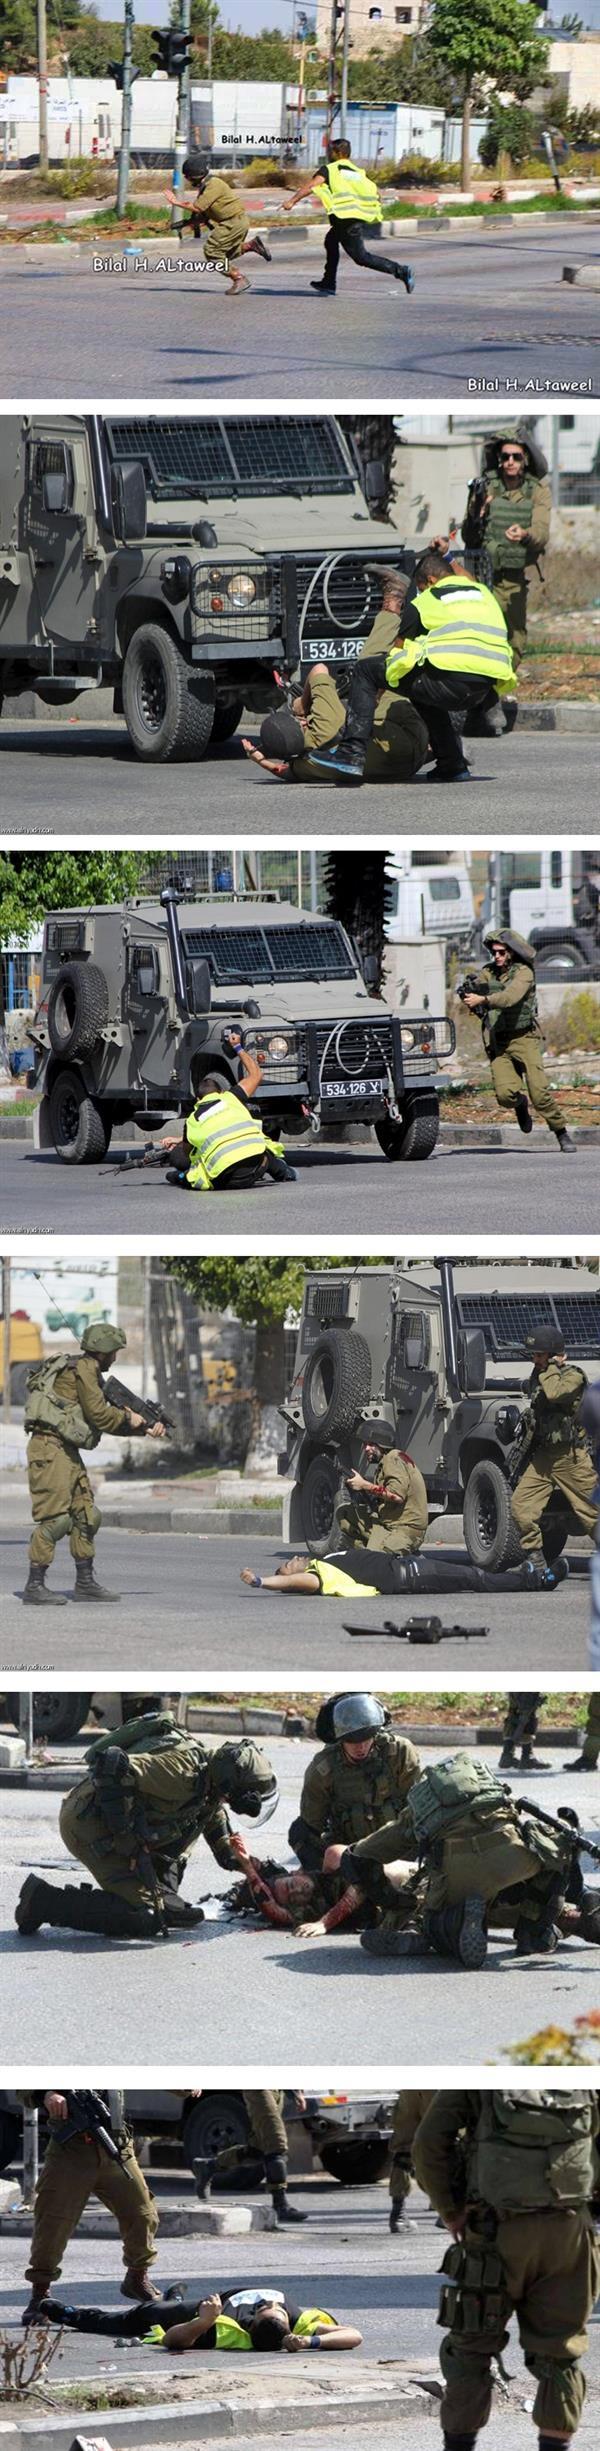 مقتل فلسطيني برصاص الجيش الاسرائيلي بعد طعنه جنديا